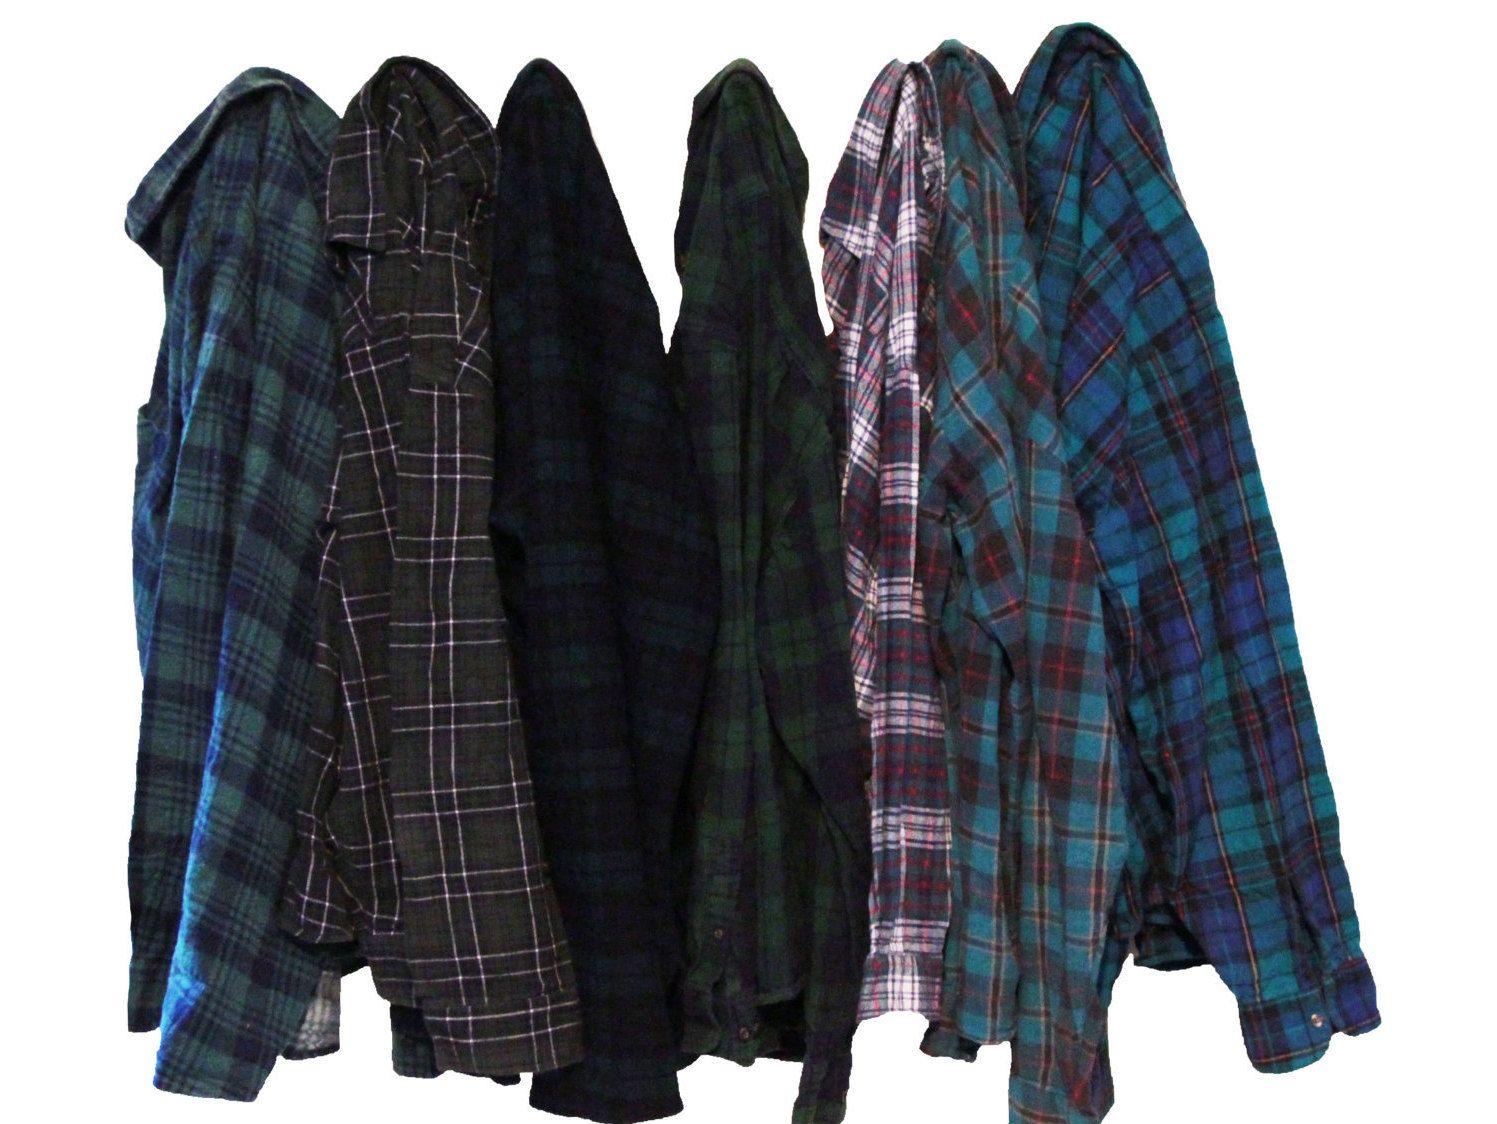 Flannel shirt vintage  Vintage Oversize Flannel Shirt Distressed Flannels  Oversized